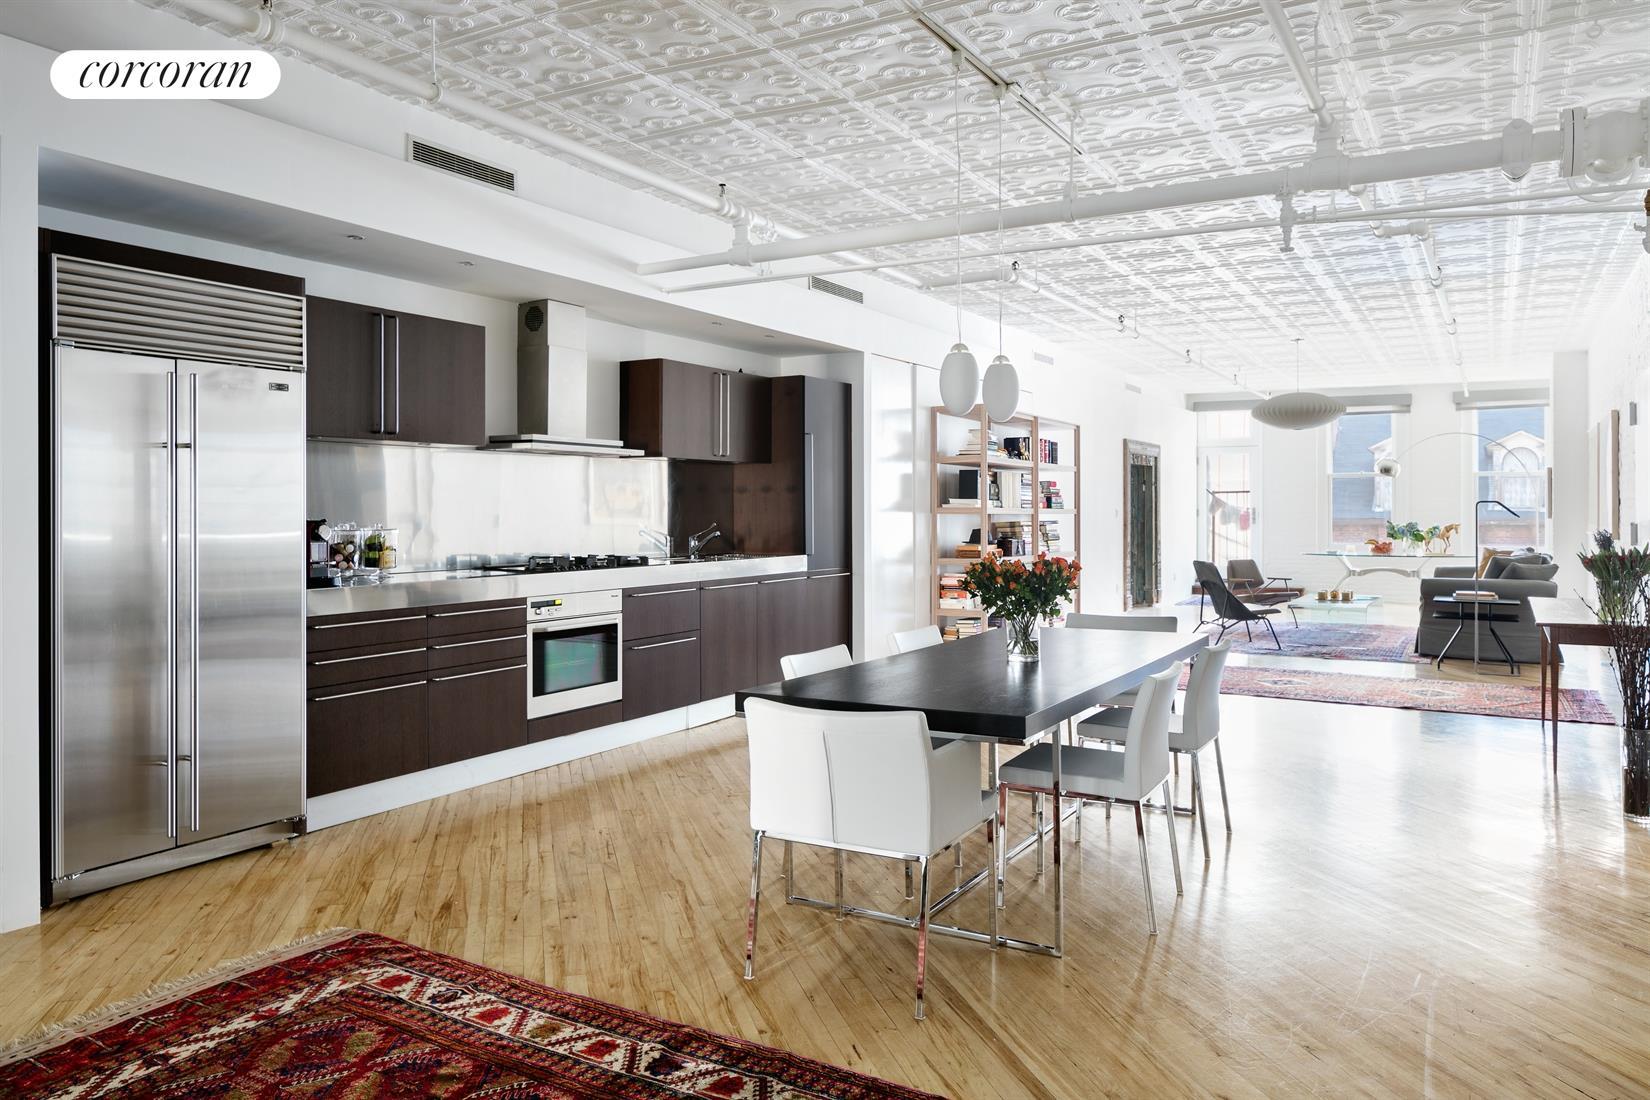 Corcoran, 148 GREENE ST, Apt. 9, Soho/Nolita Rentals, Manhattan ...